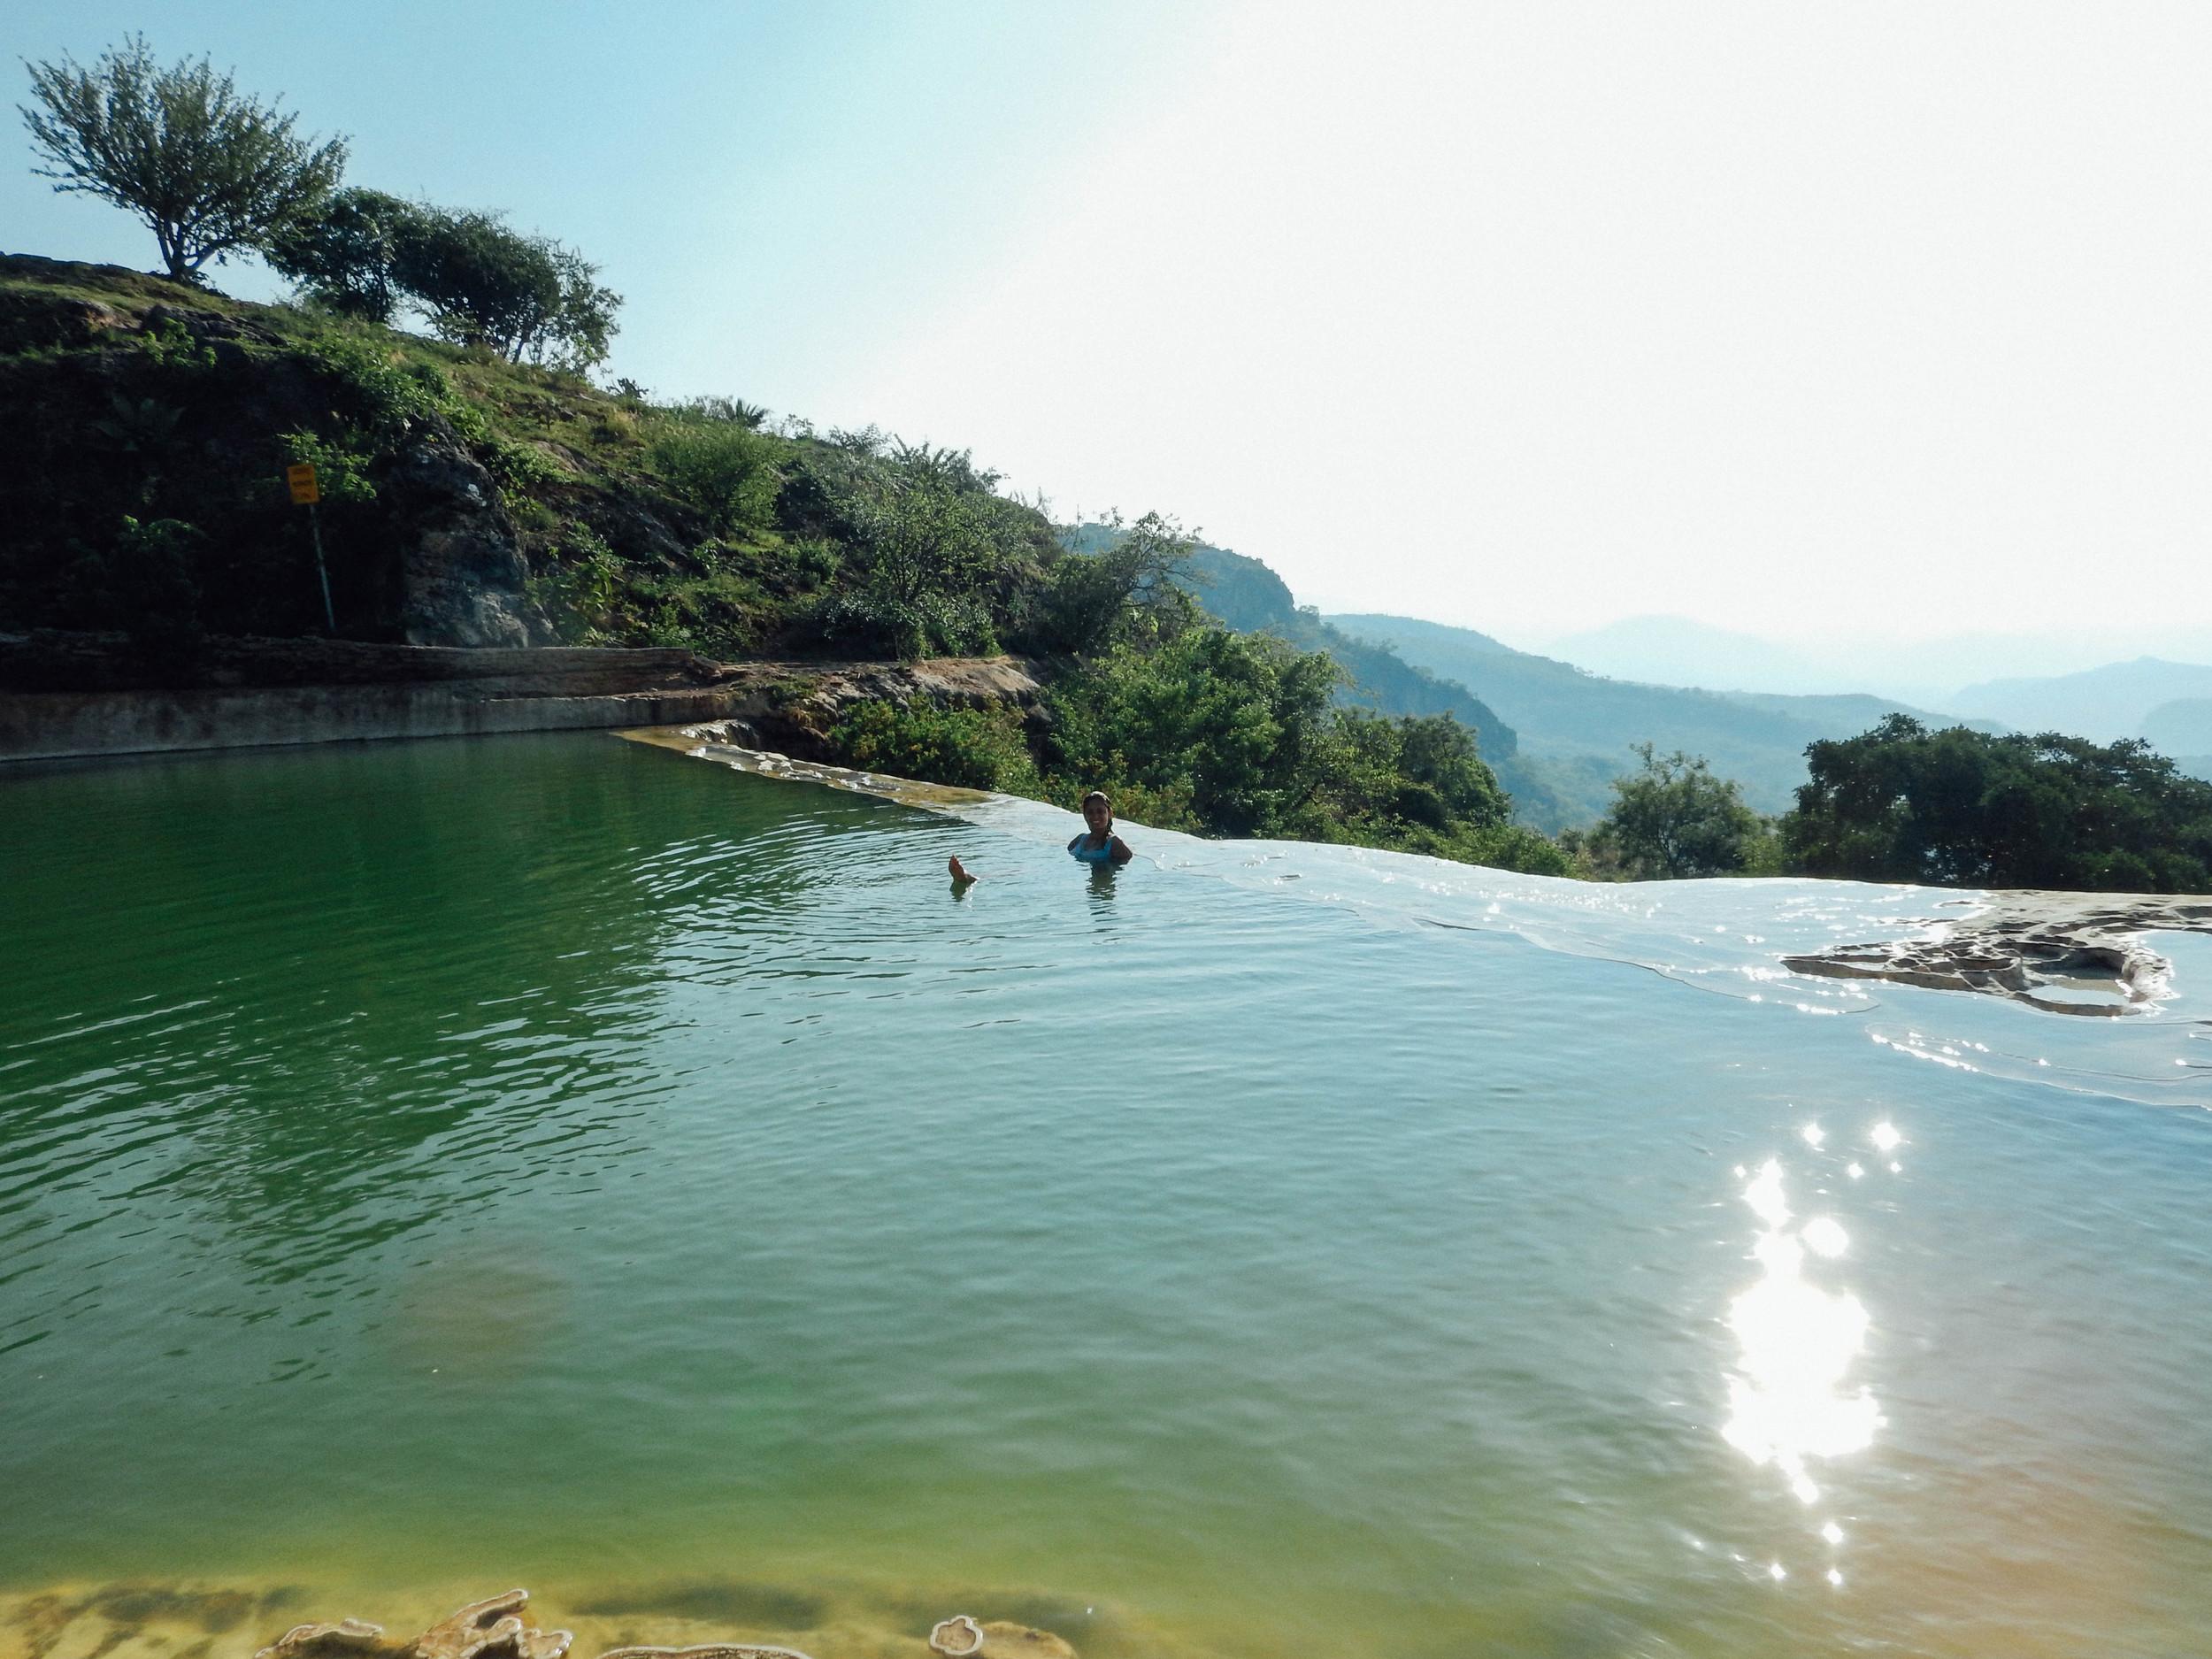 sunny swimming in pool 2.jpg